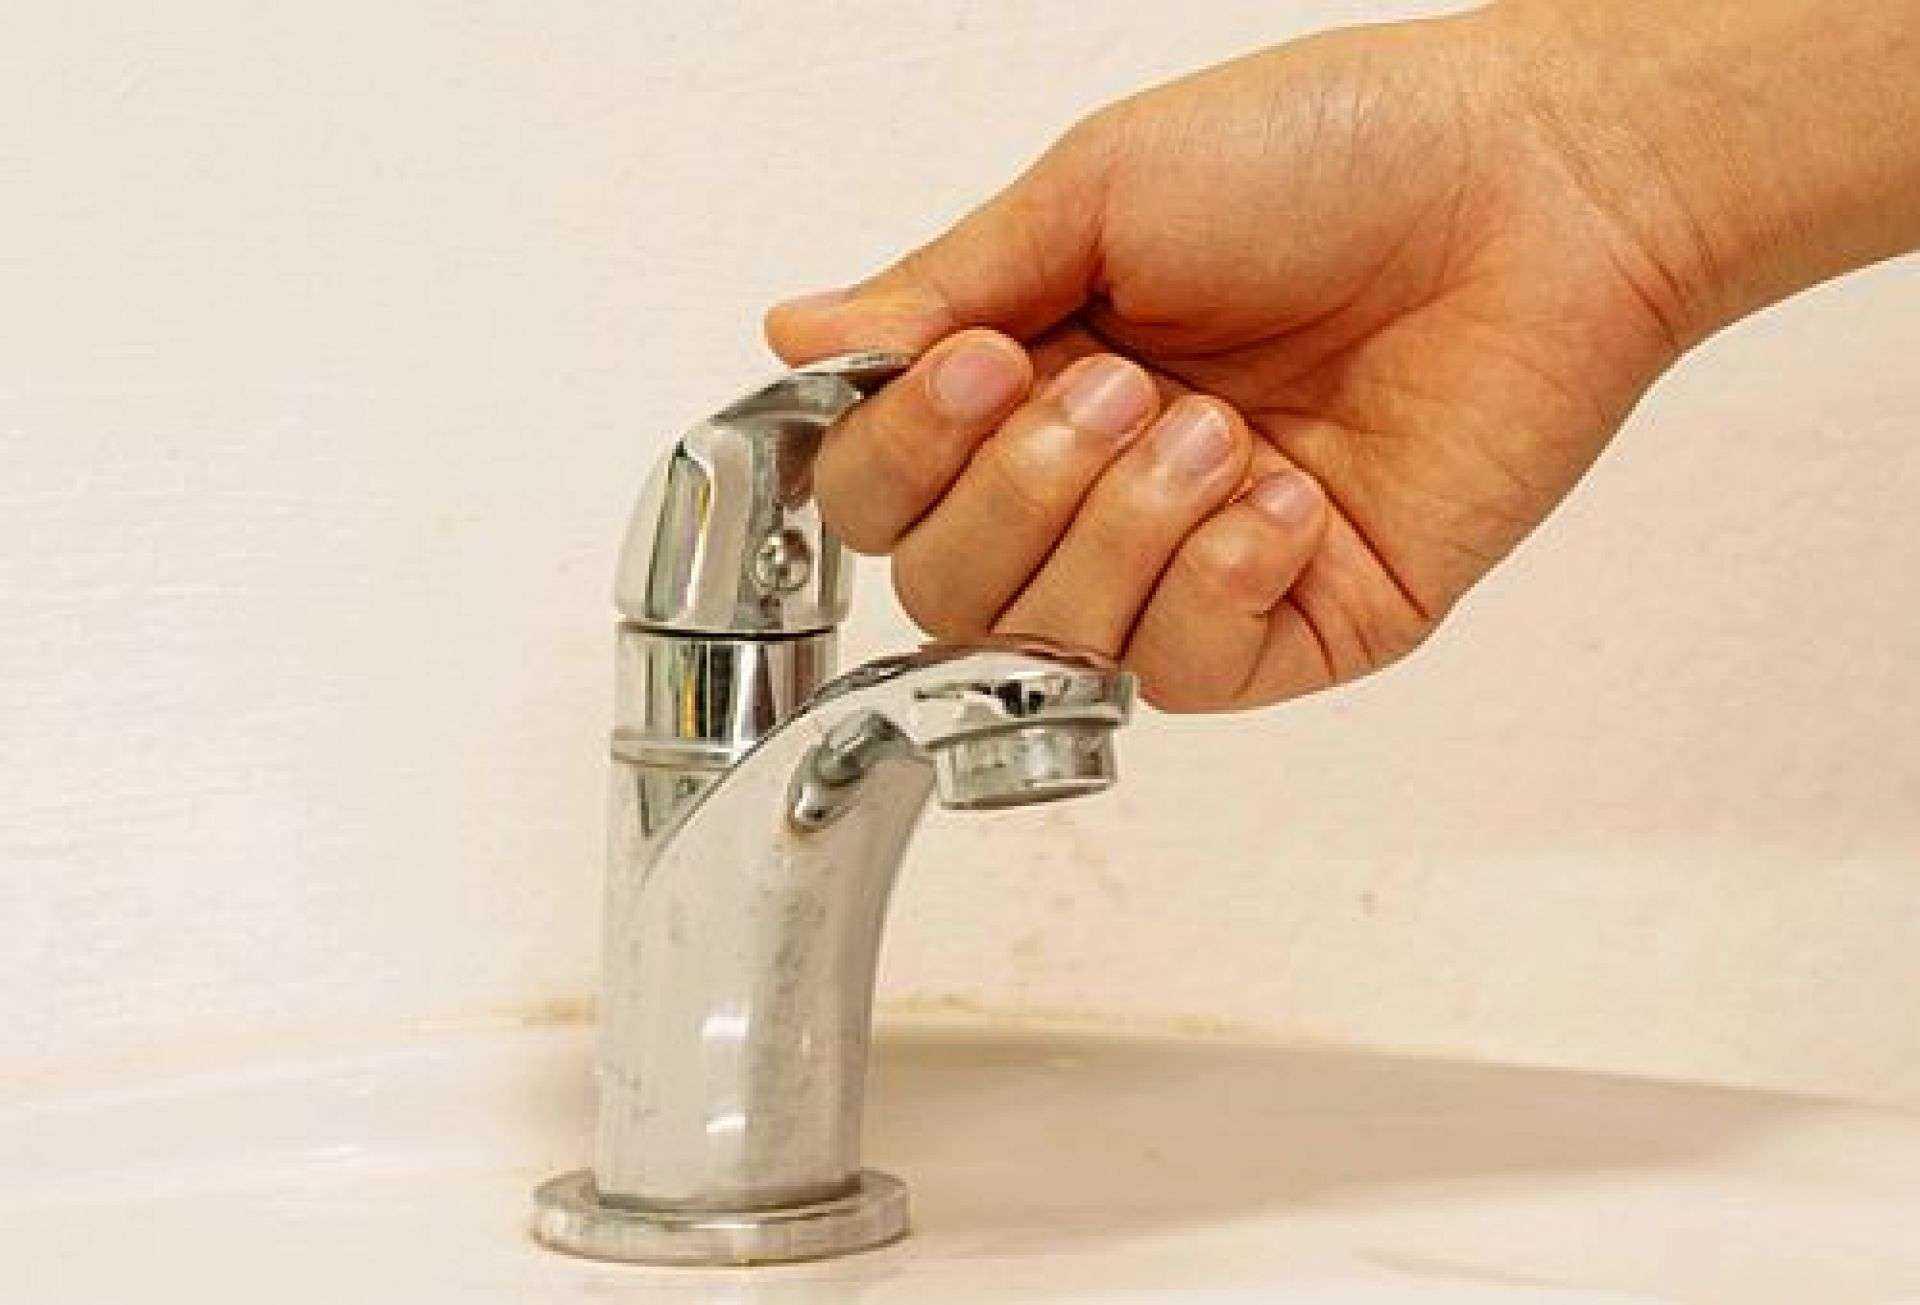 Перничани недоволни от водната криза! Щурмуват сградата на ВиК, полицията ги спря